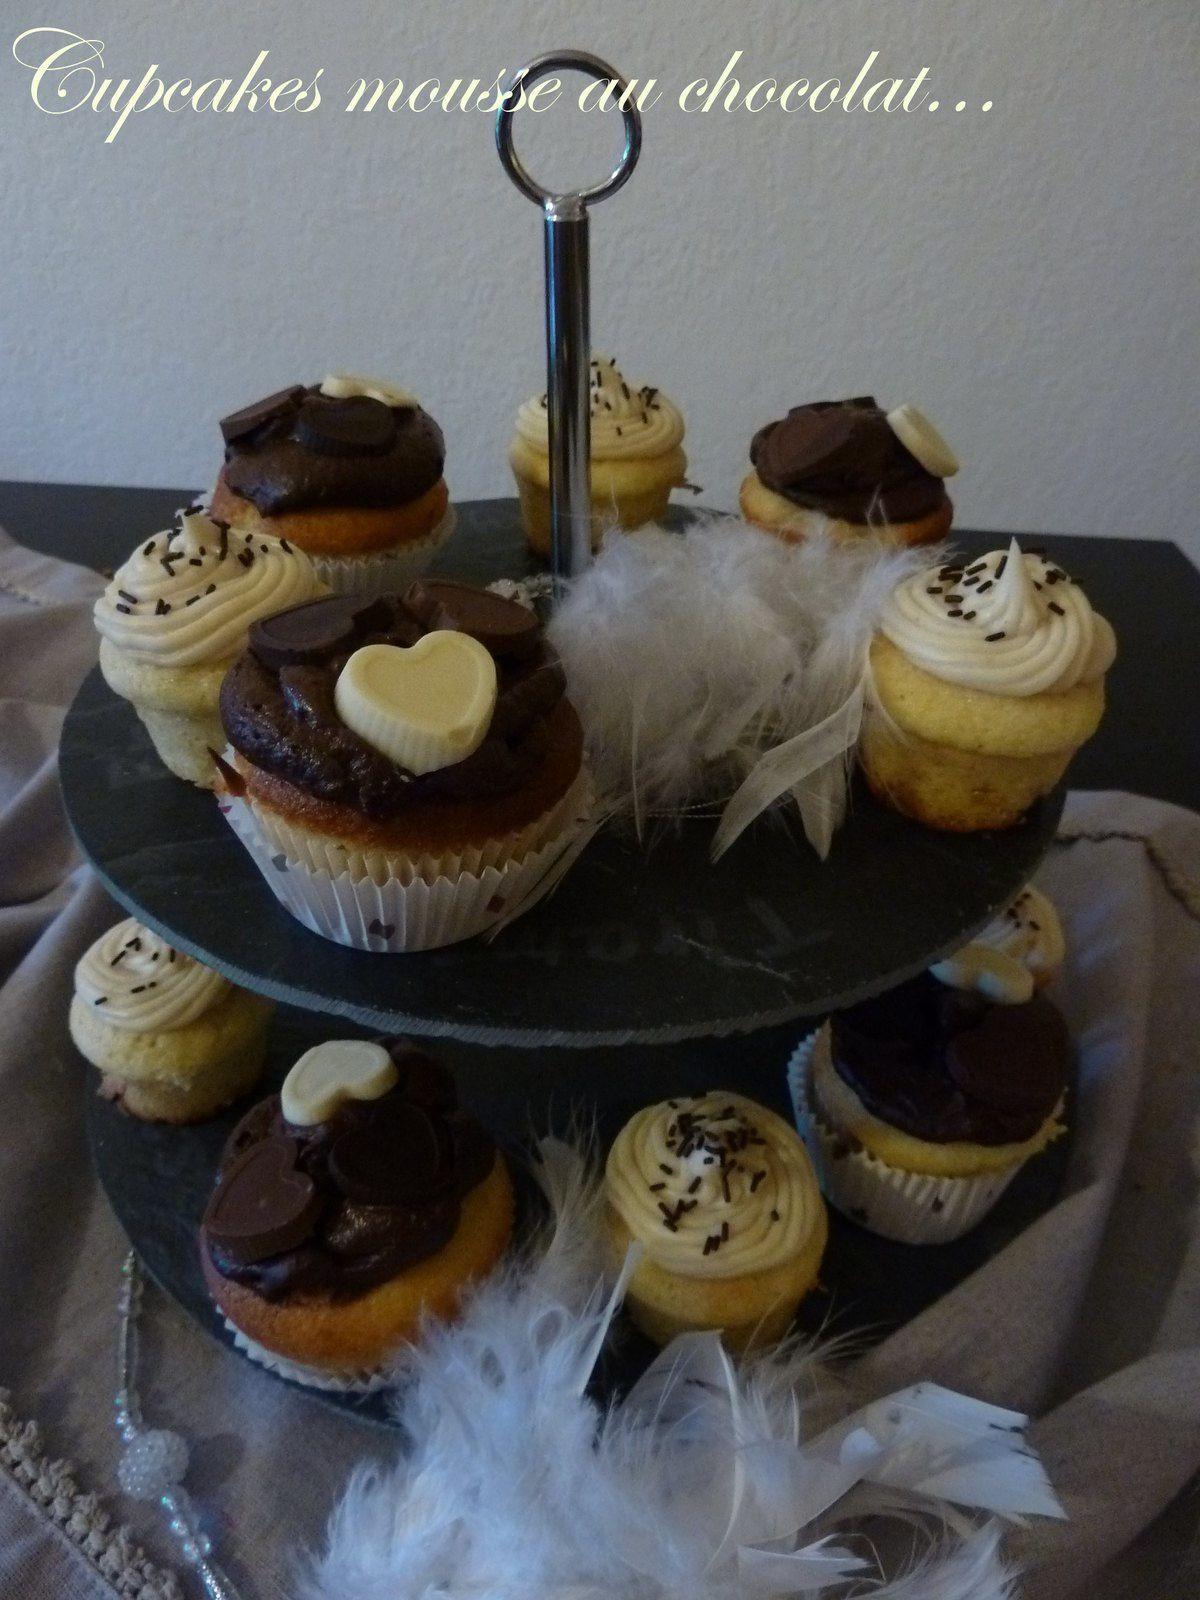 cupcake mousse au chocolat au coeur coulant